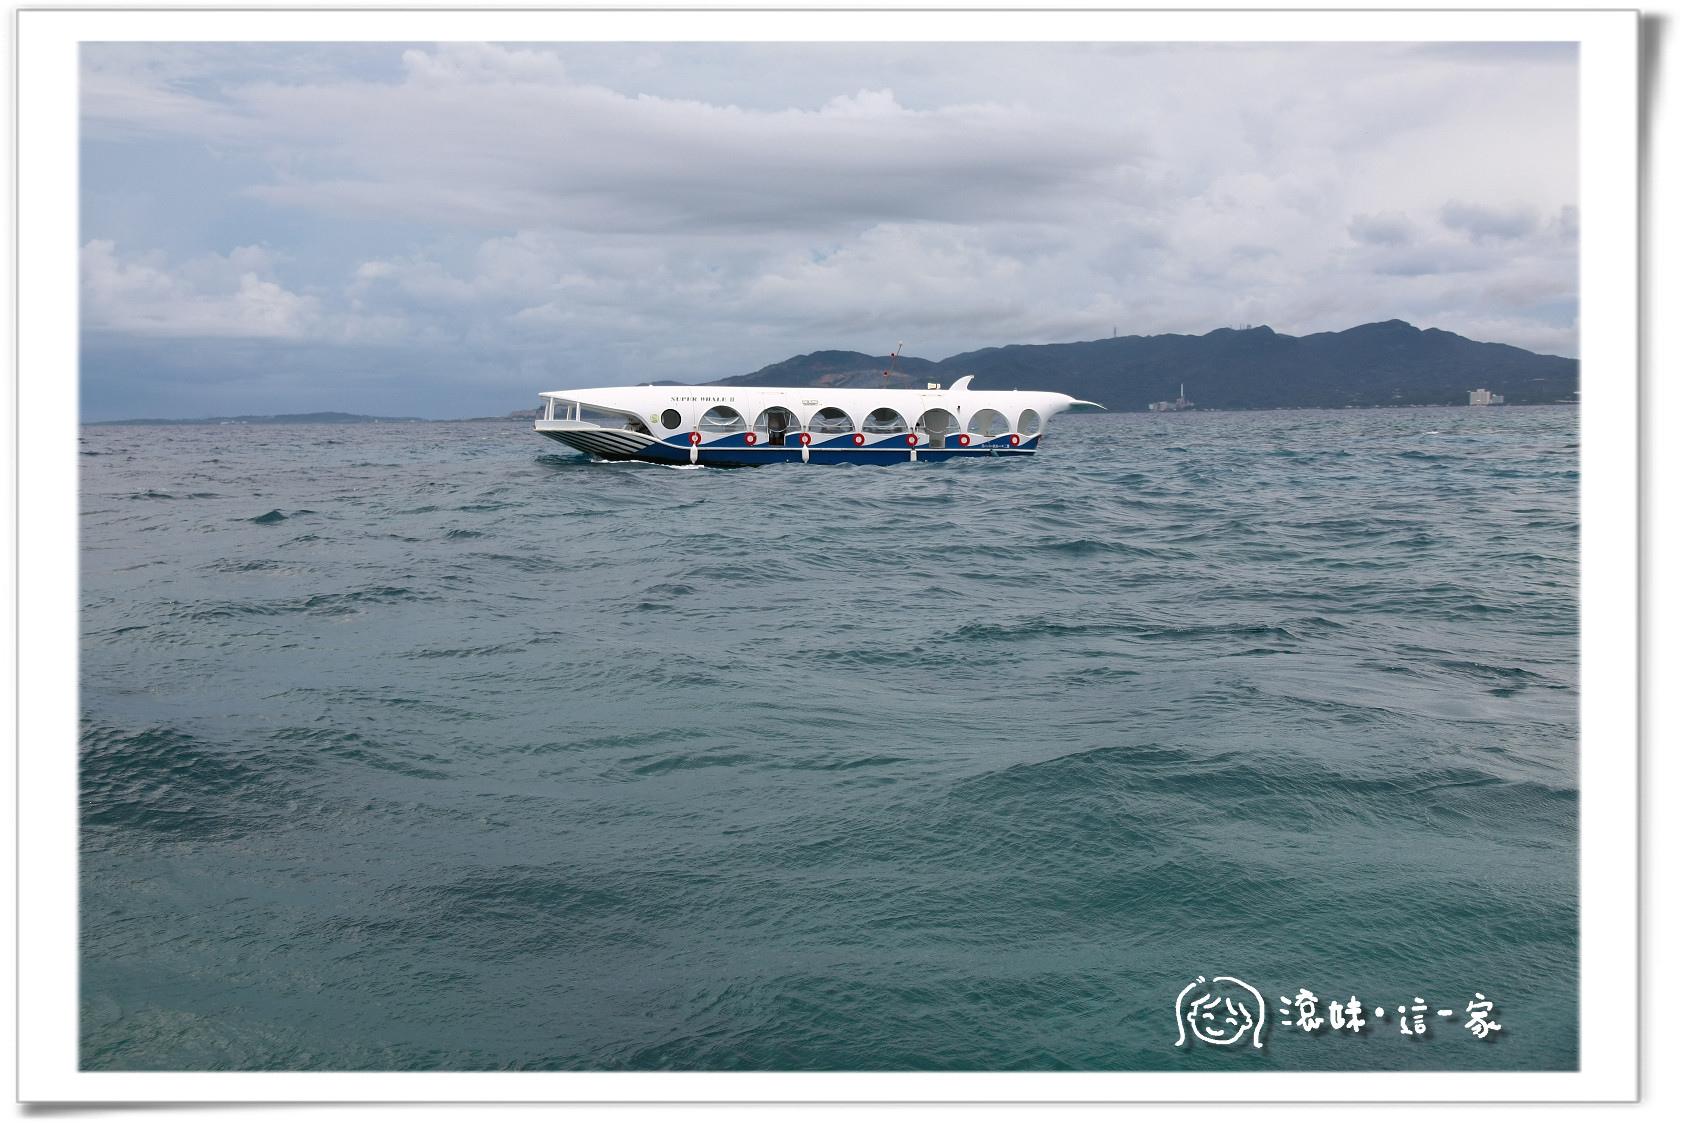 玻璃船006.jpg